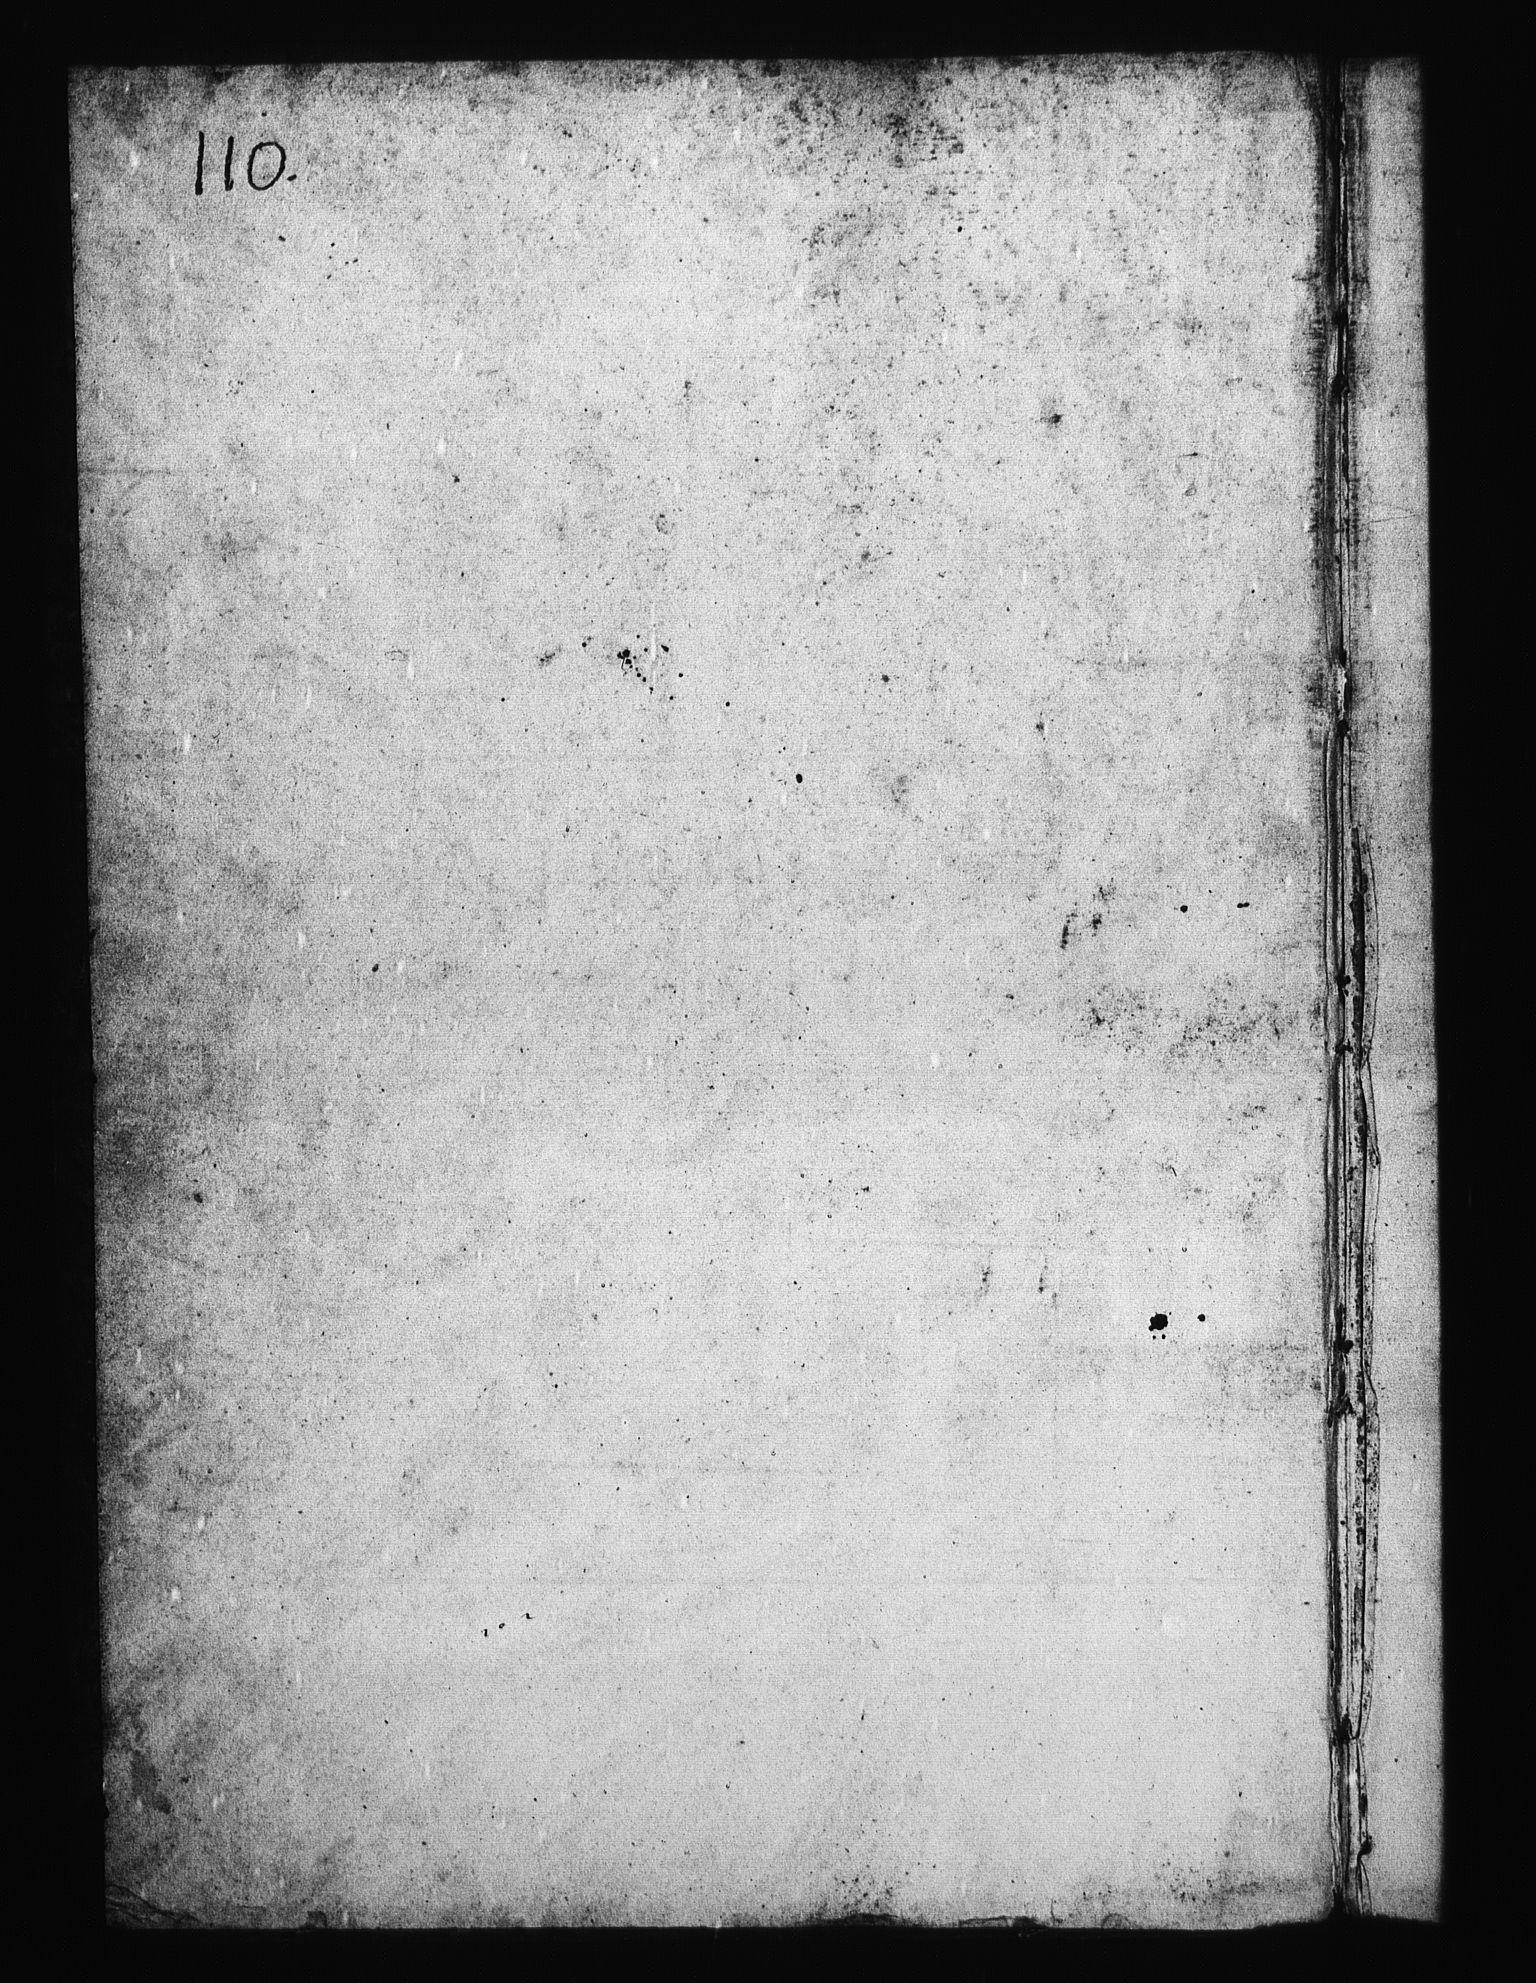 RA, Sjøetaten, F/L0111: Bragernes distrikt, bind 1, 1791